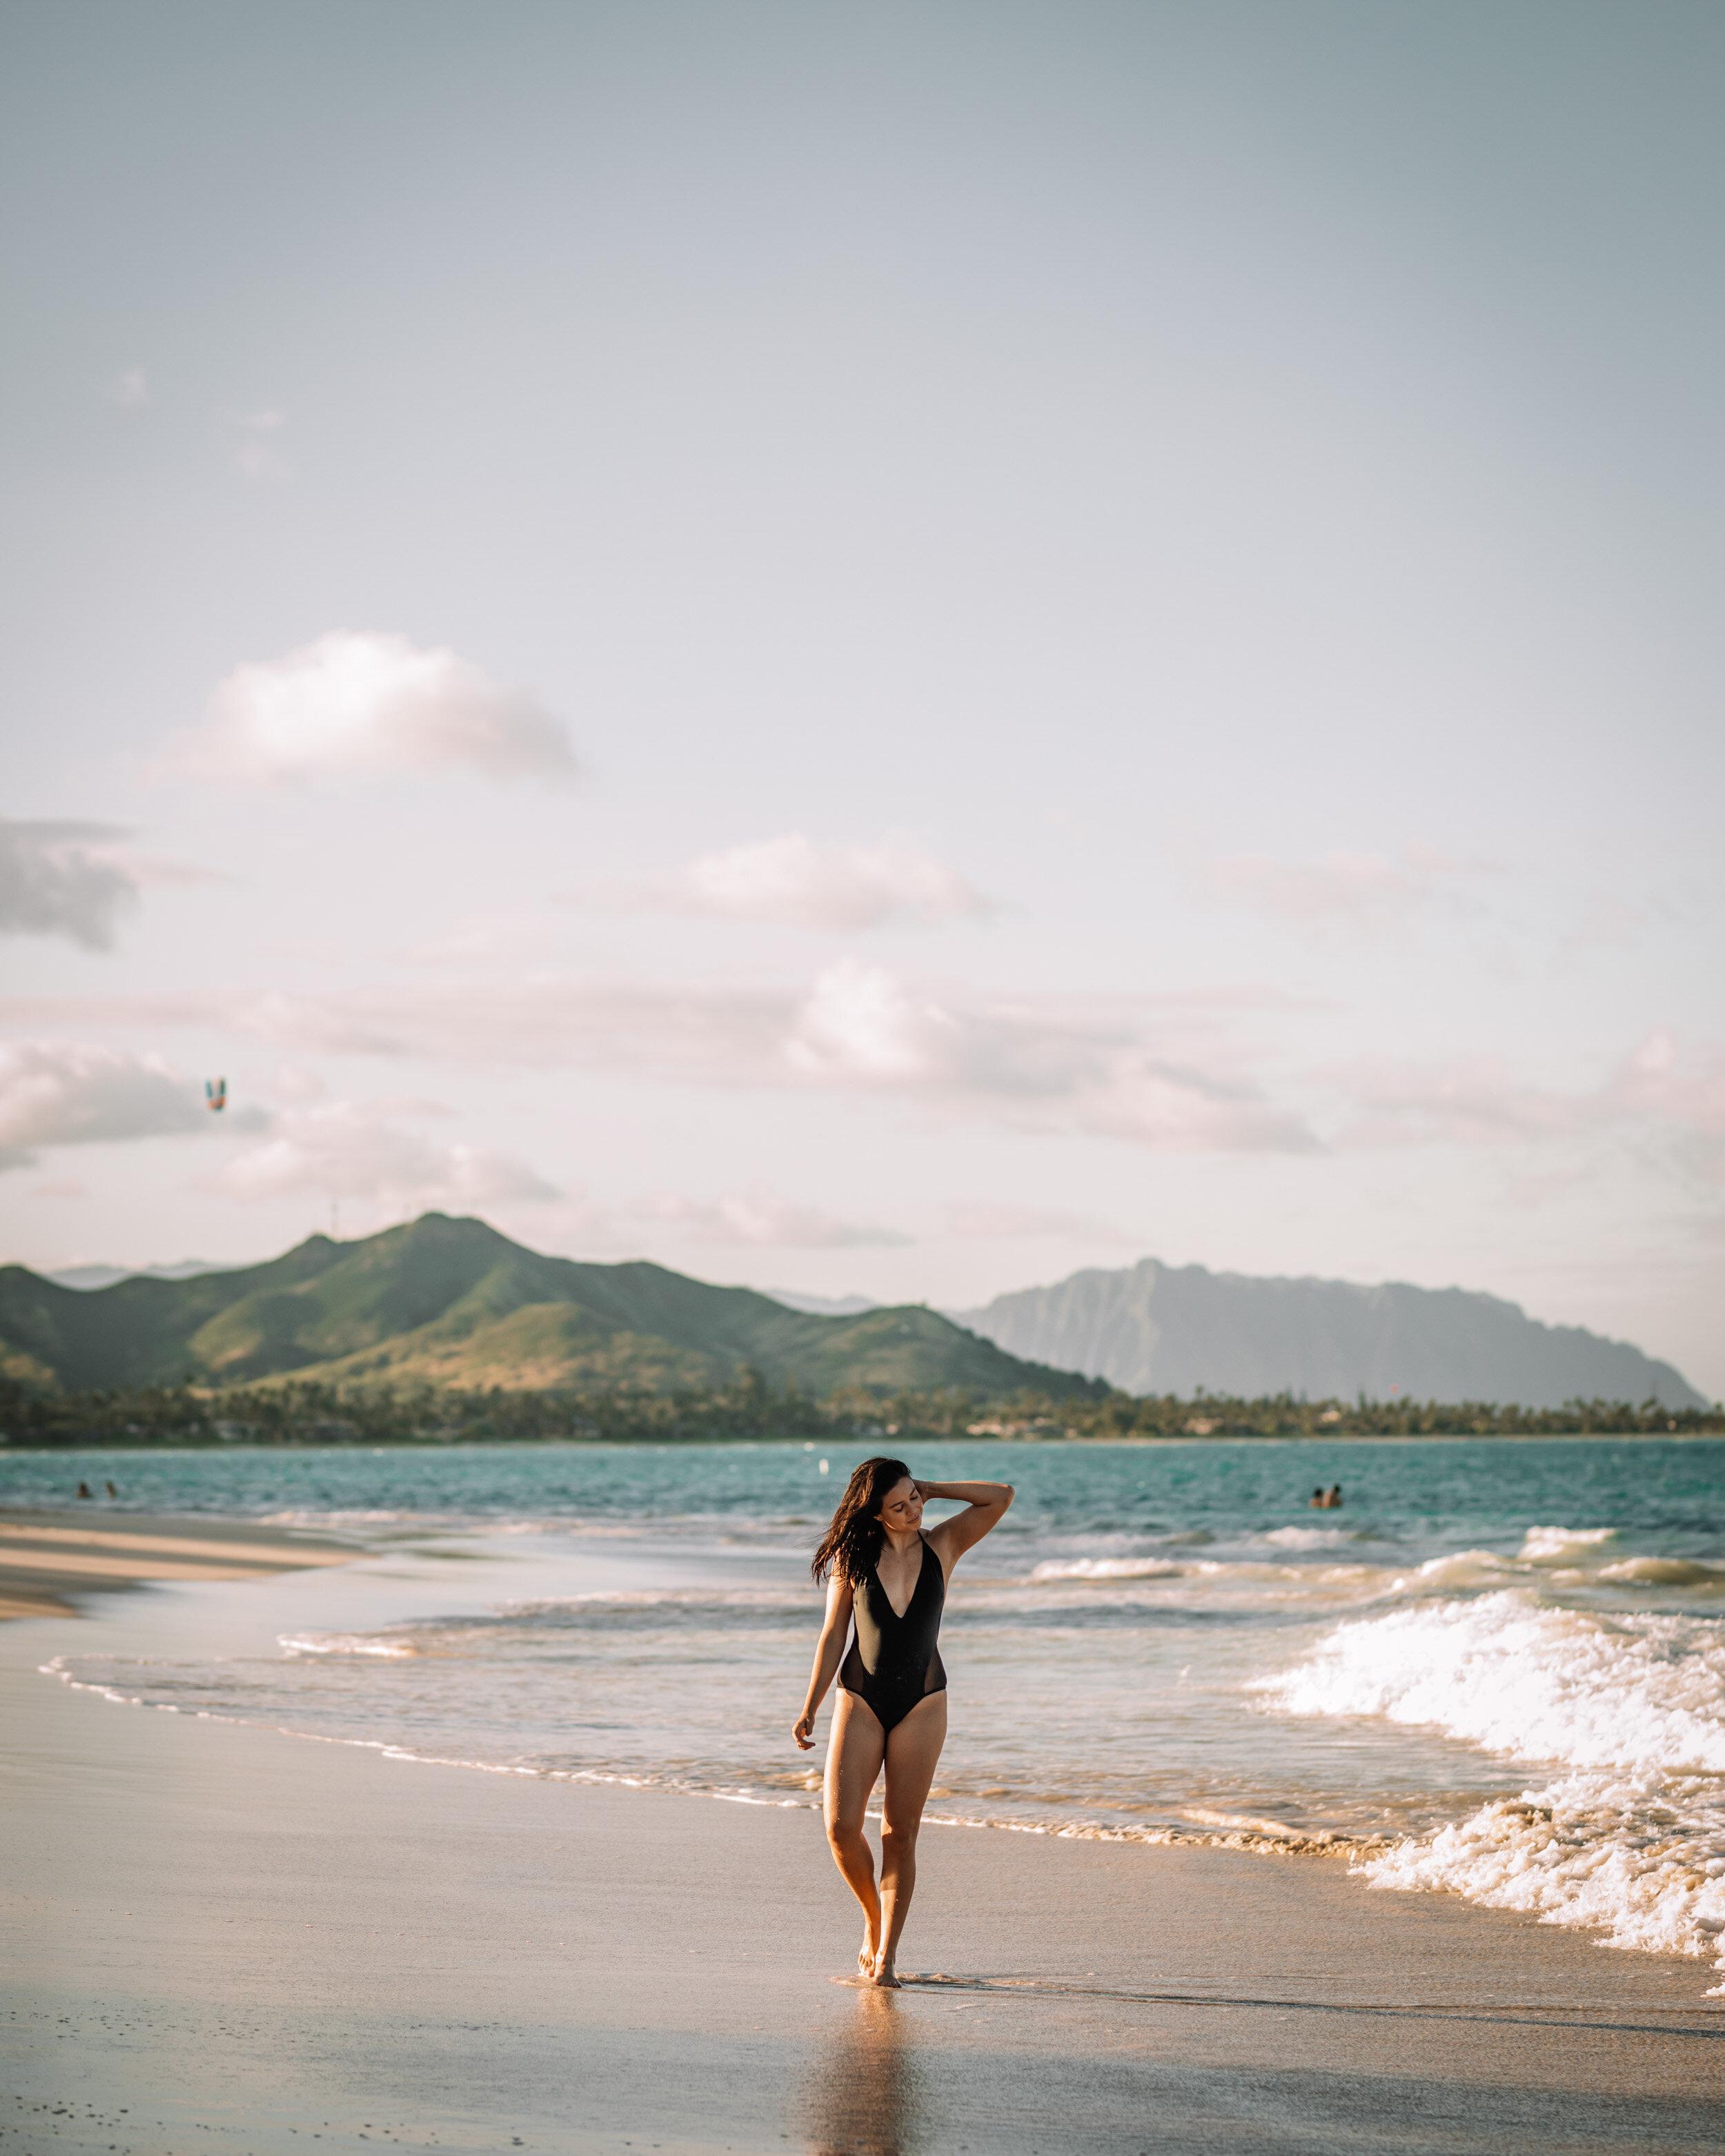 Rachel Off Duty: Woman at the Beach